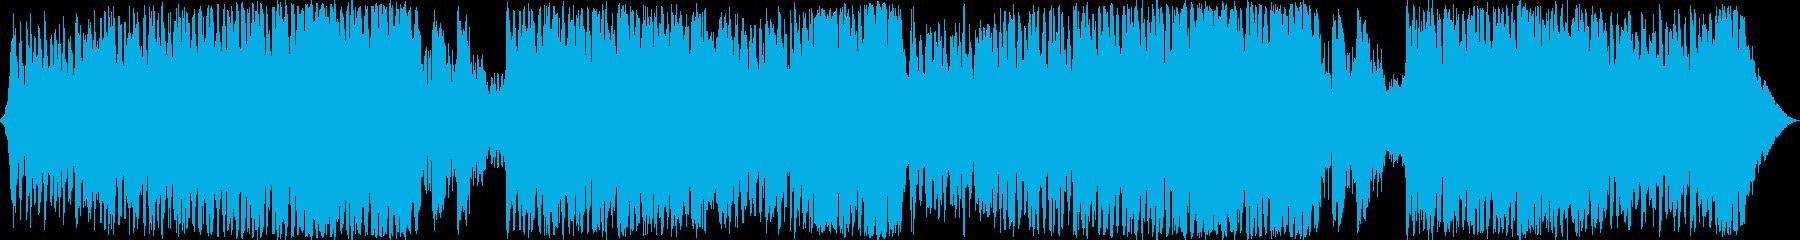 シネマティックなコーラス系オーケストラの再生済みの波形